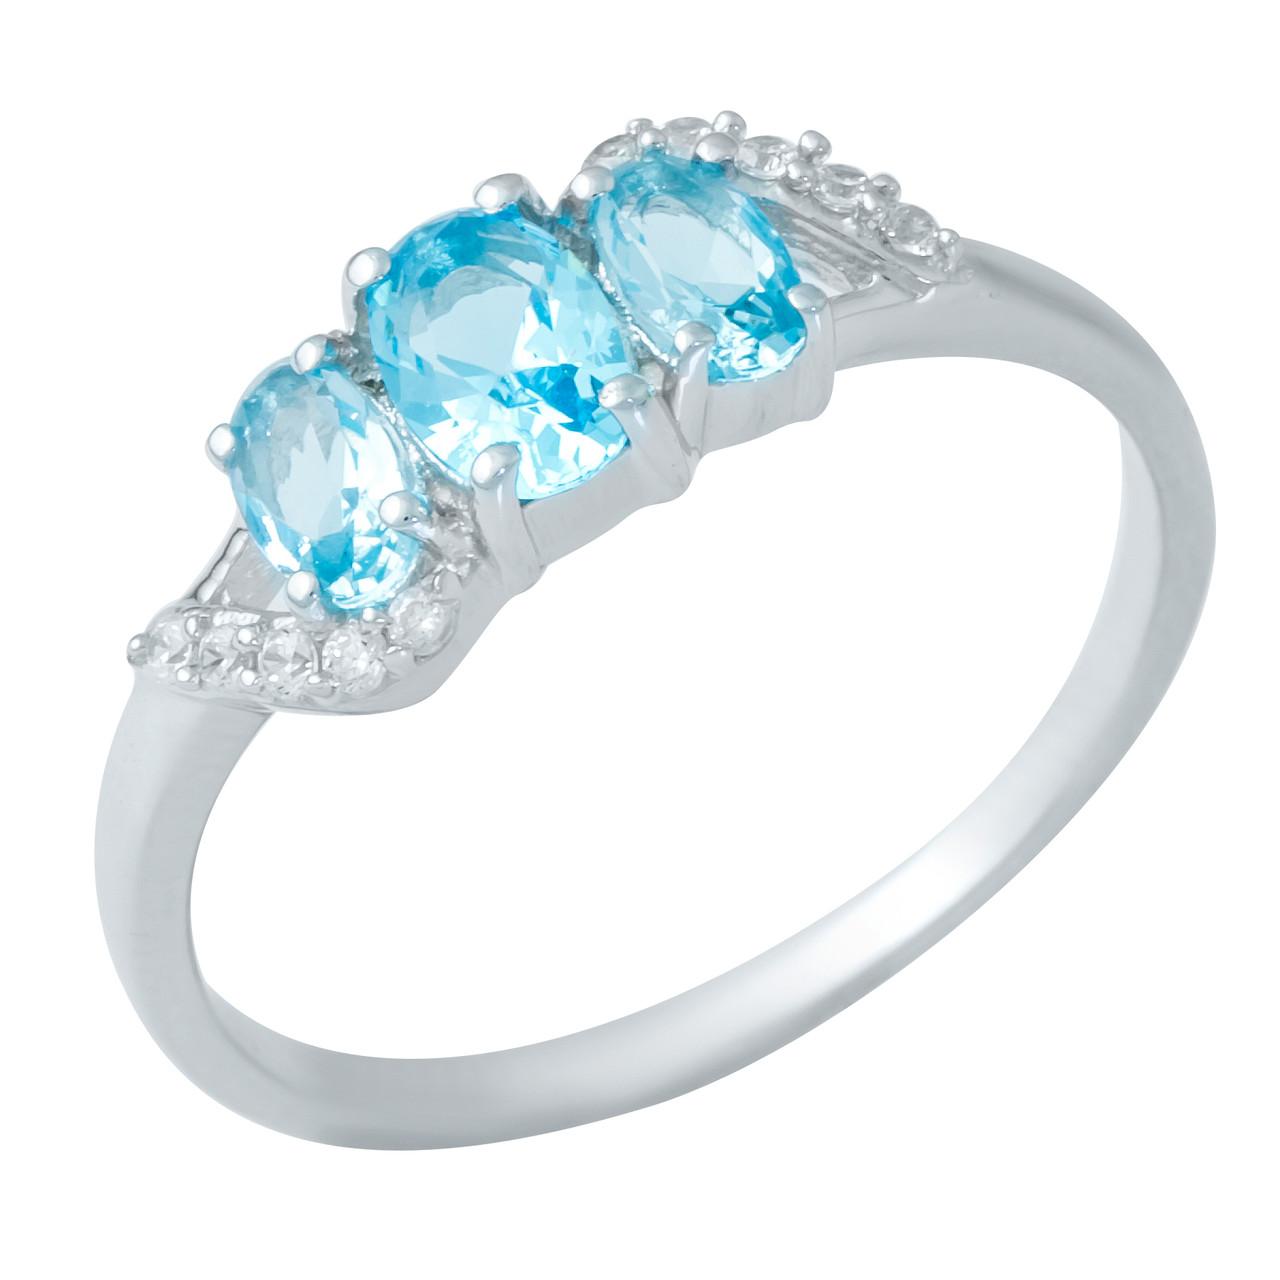 Серебряное кольцо DreamJewelry с аквамарином nano (1948774) 17.5 размер